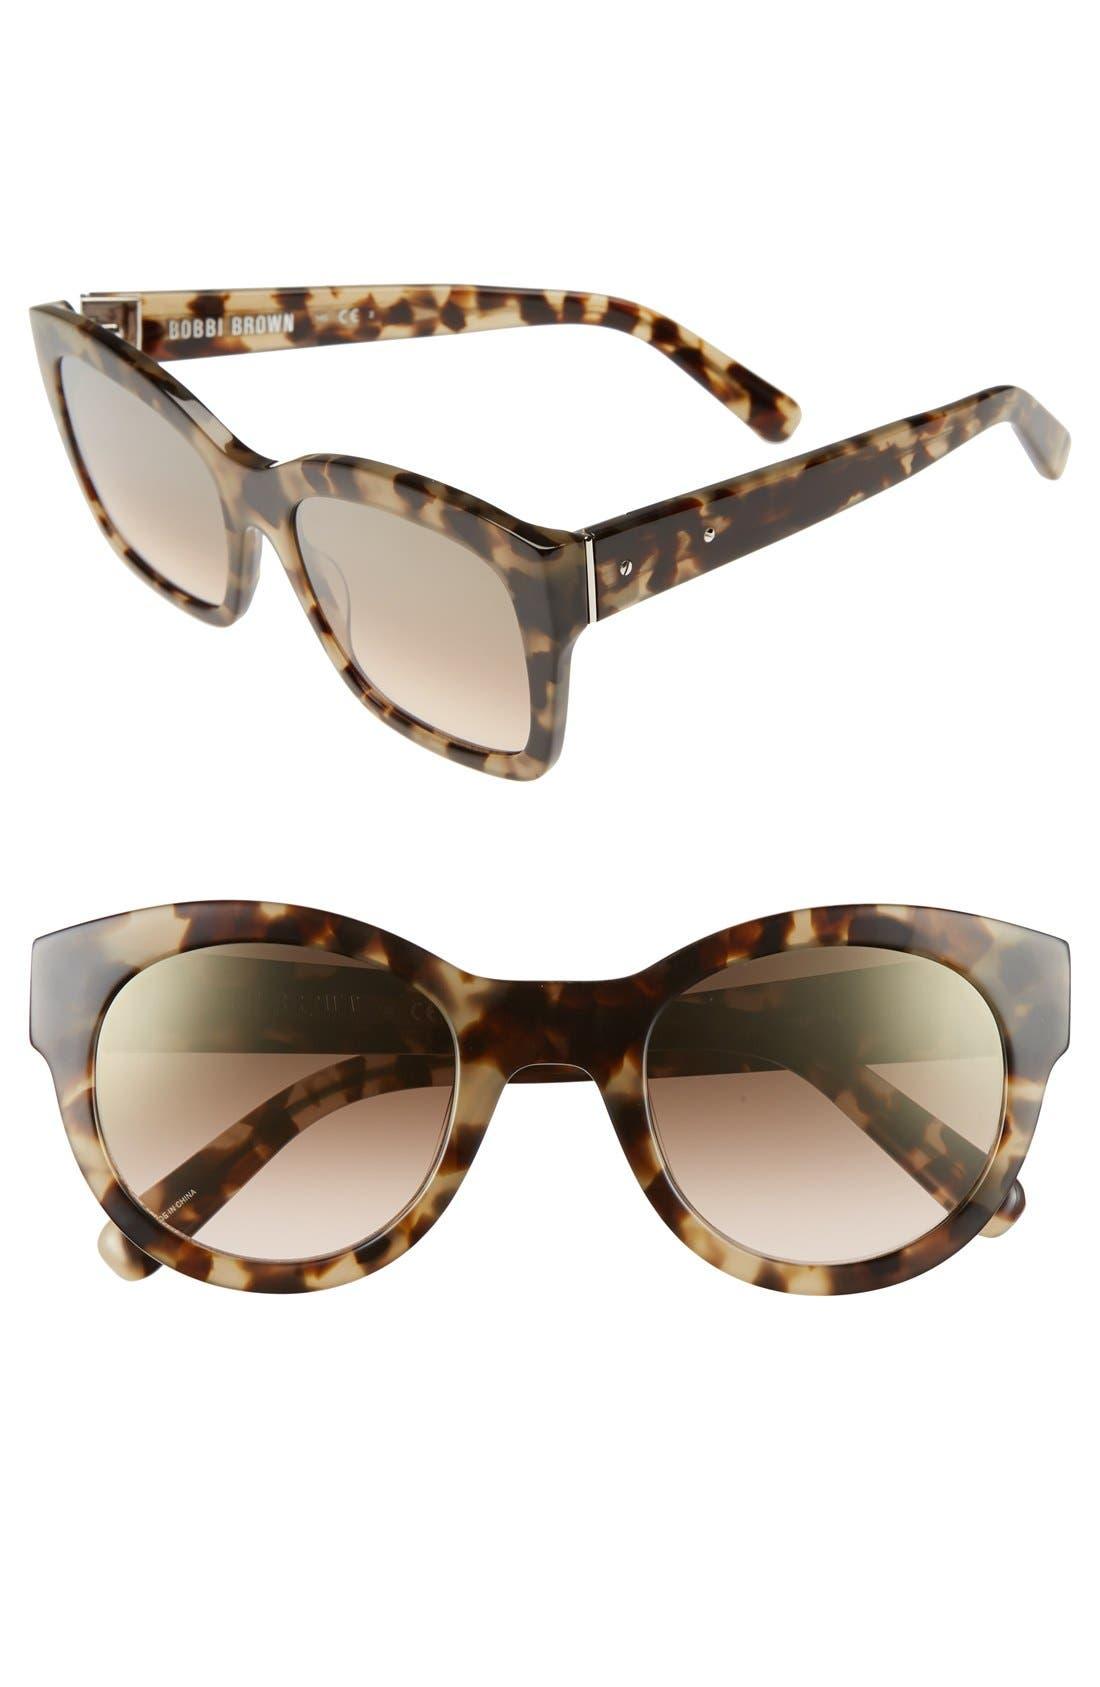 Alternate Image 1 Selected - Bobbi Brown 'Ava' 54mm Sunglasses